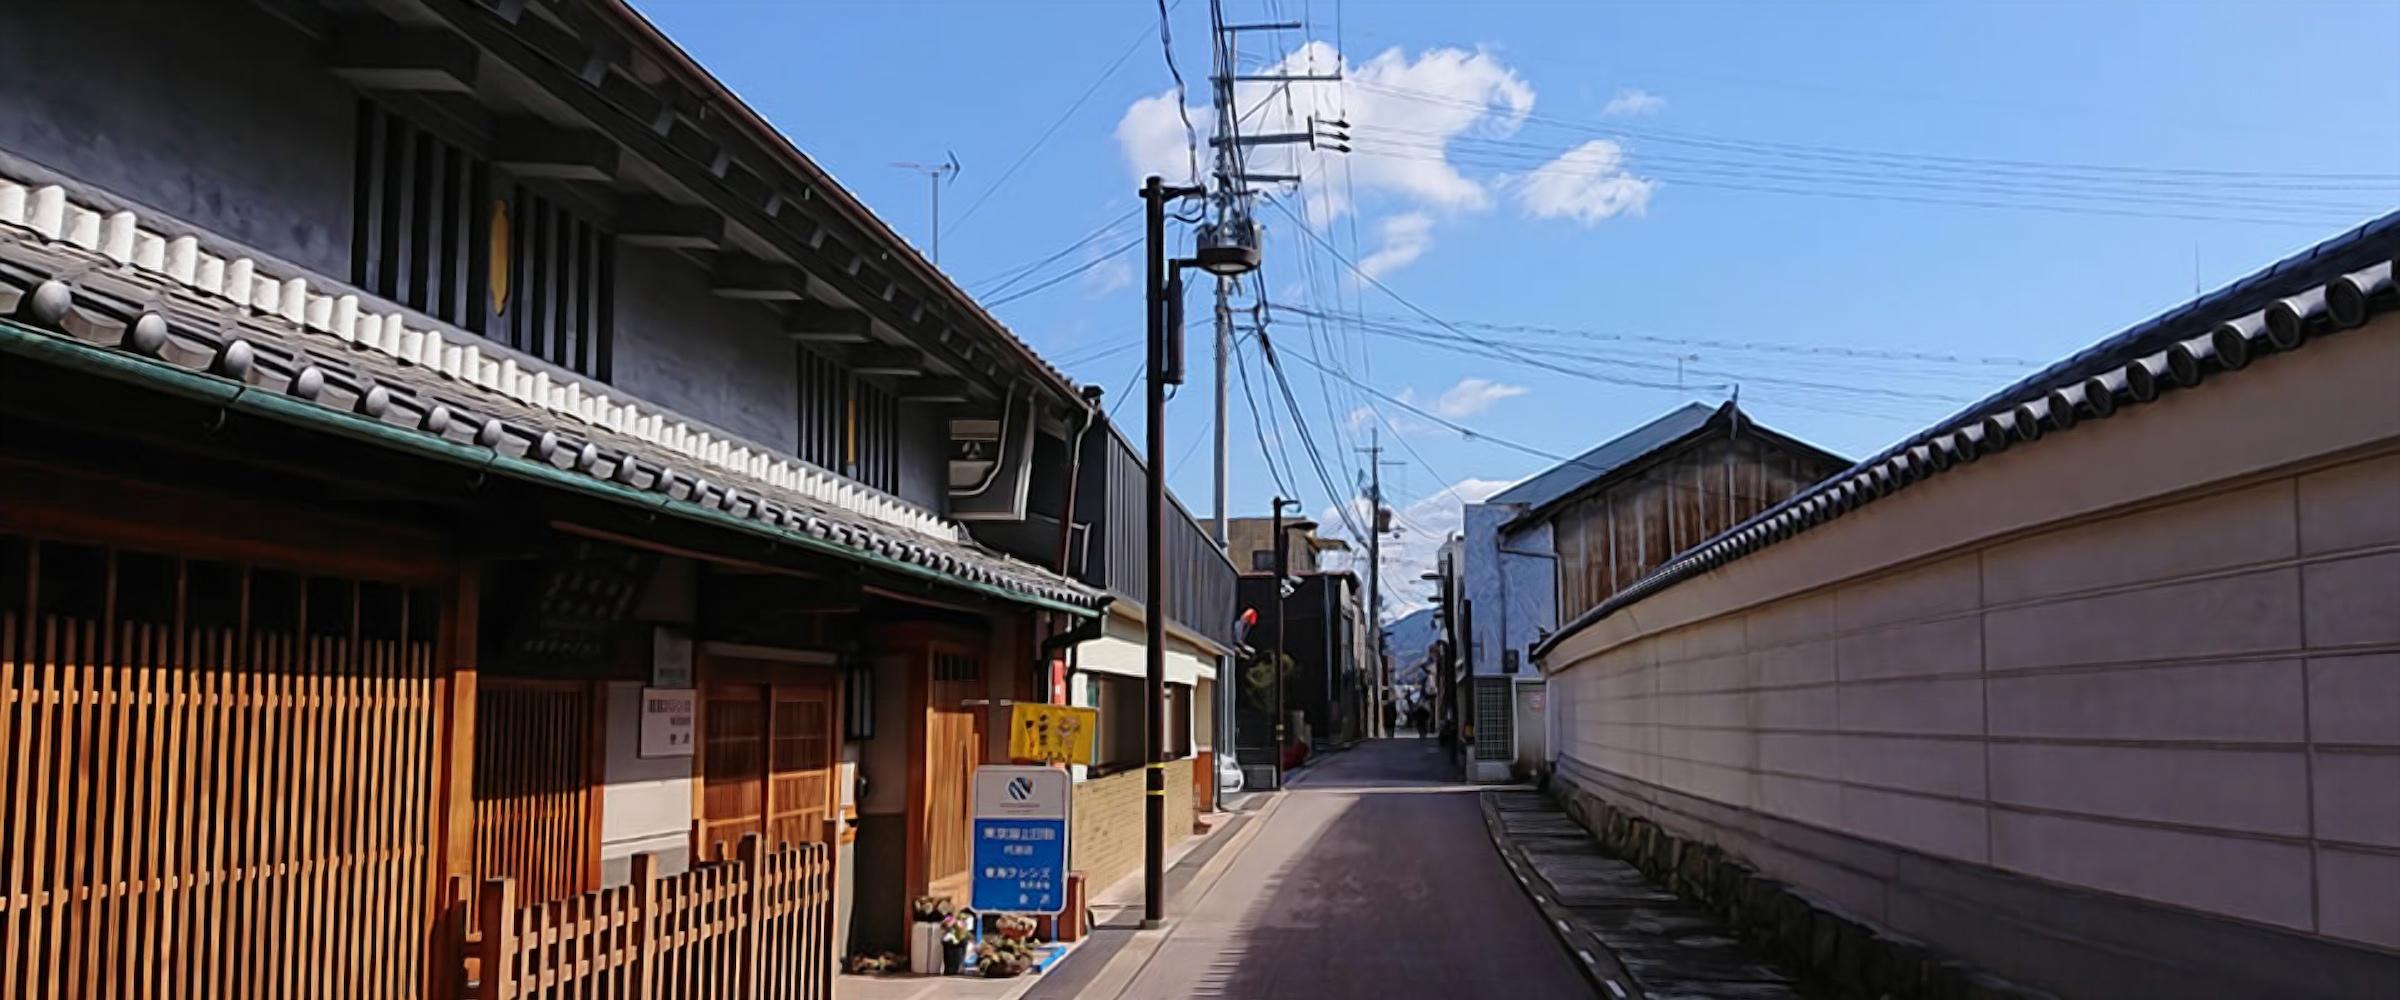 時空の交差点-日本発祥の地、そして未来へ